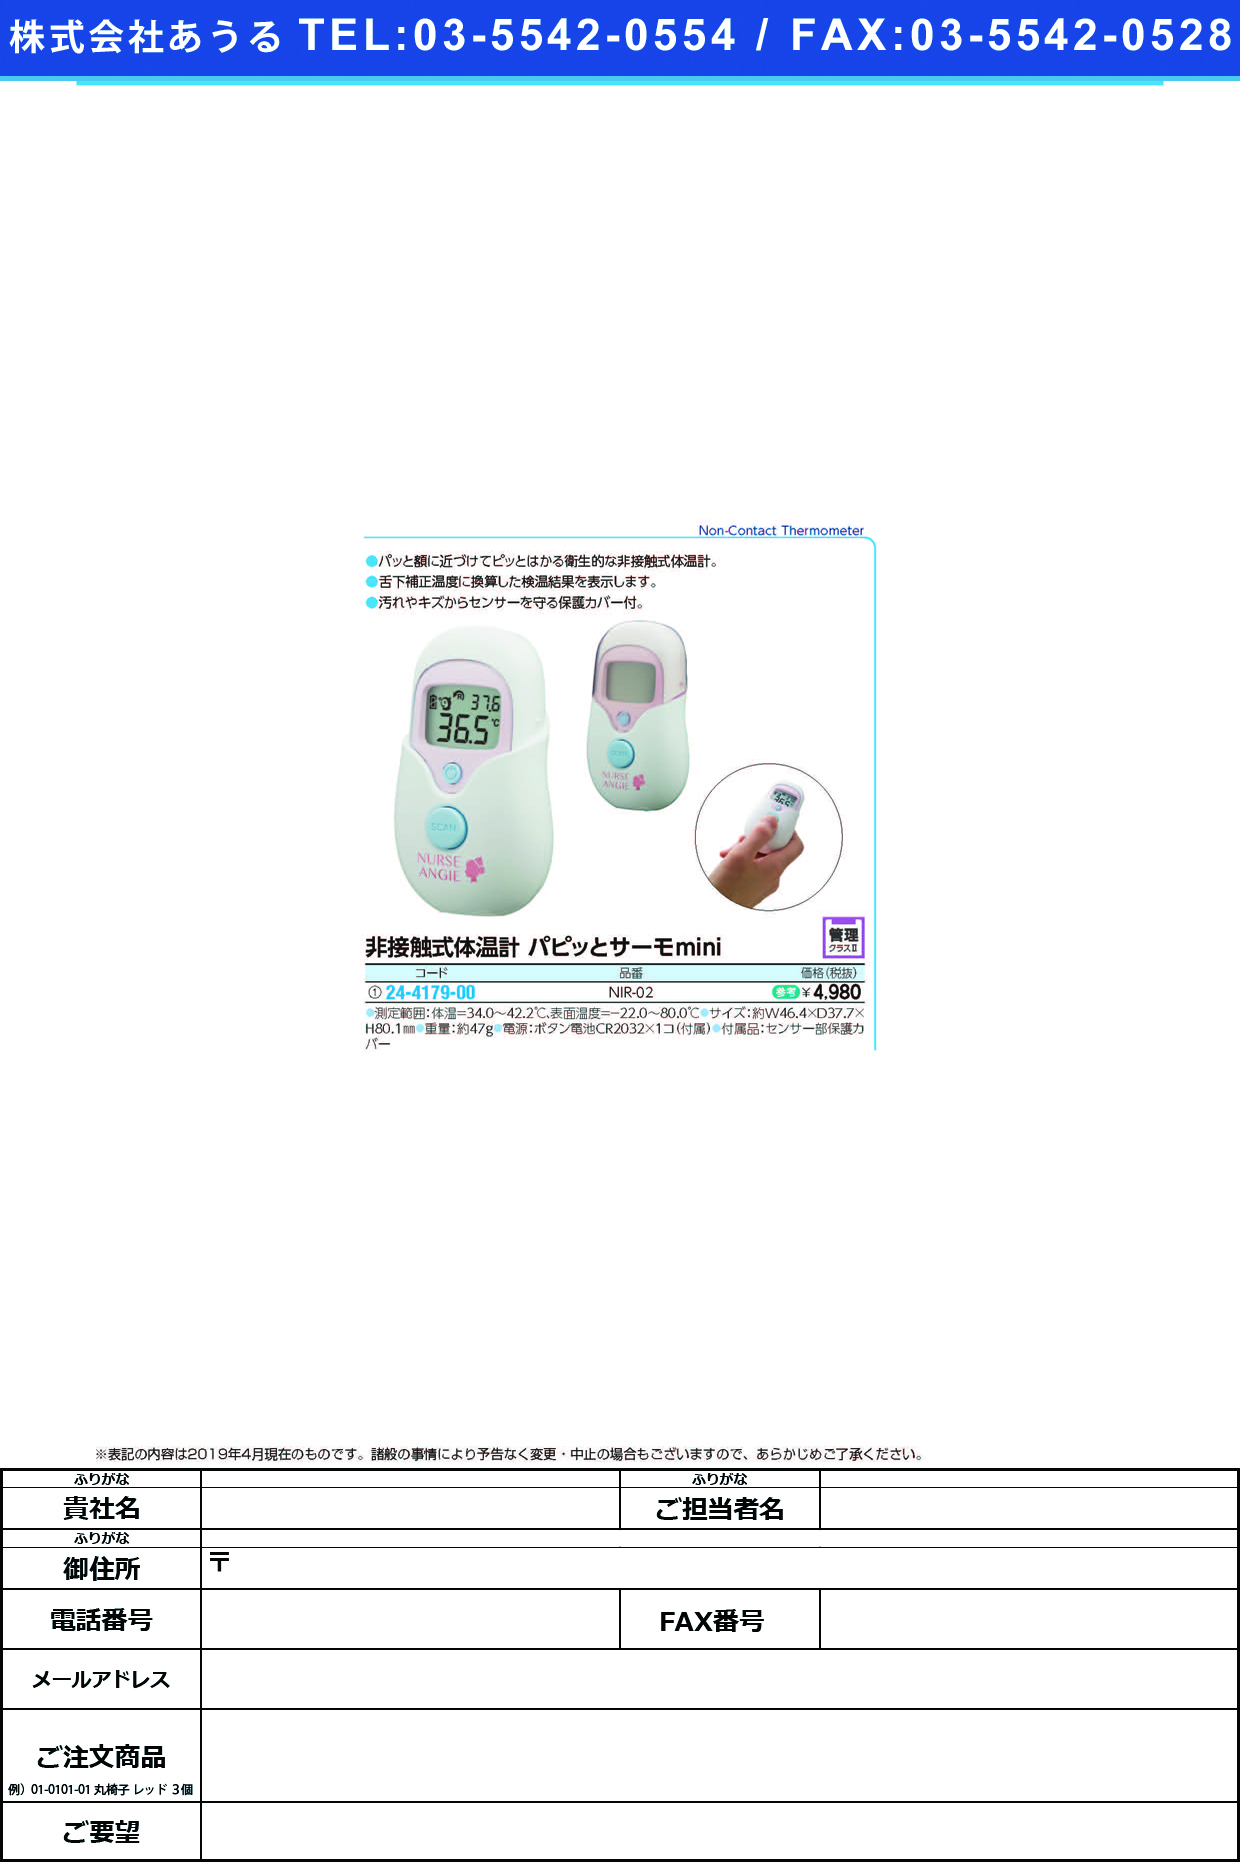 (24-4179-00)非接触式体温計パピッとサーモmini NIR-02 パピットサーモミニ【1台単位】【2019年カタログ商品】